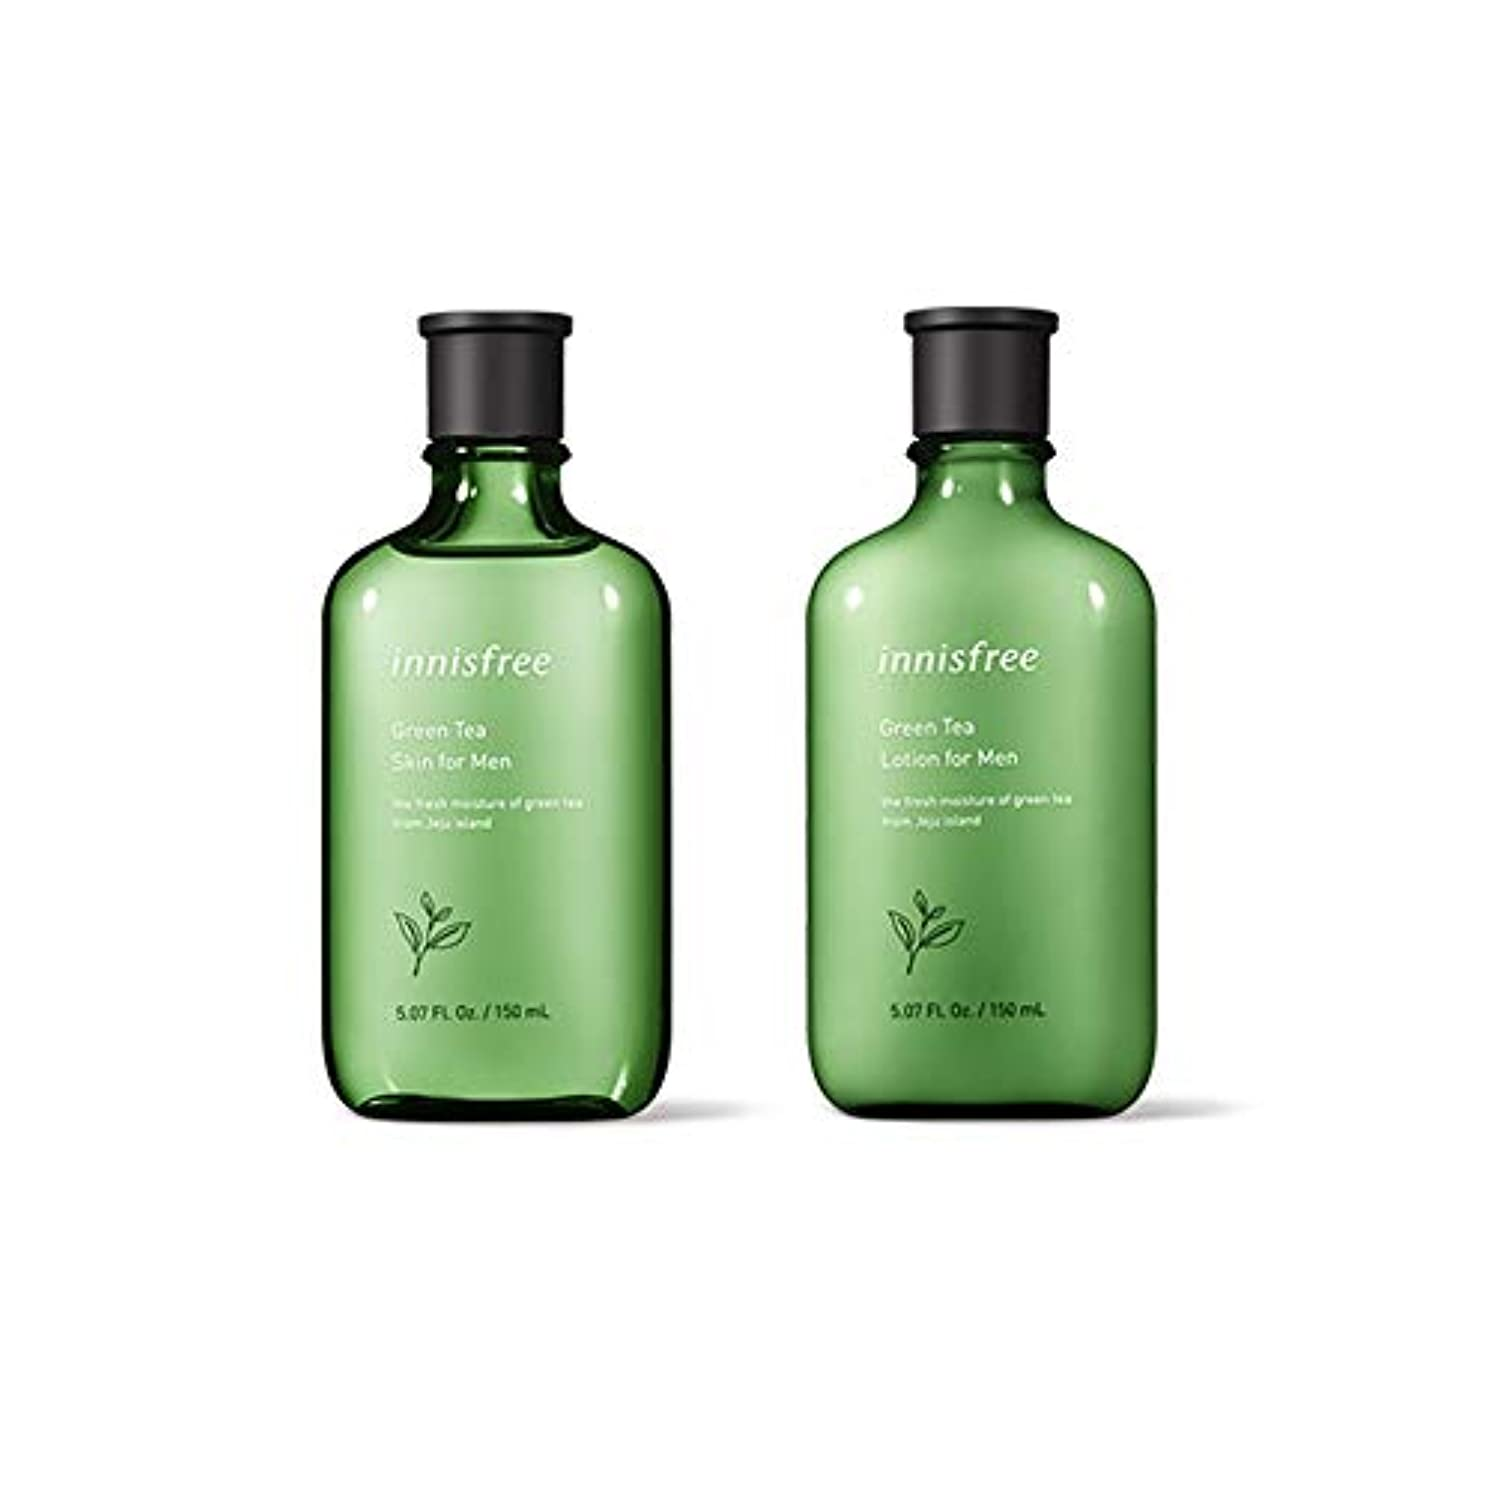 シーボードポンドピアースイニスフリー Innisfree グリーンティースキン & ローションセットフォーメン(150ml+150ml) Innisfree Green Tea Skin & Lotion Set For Men(150ml+150ml...